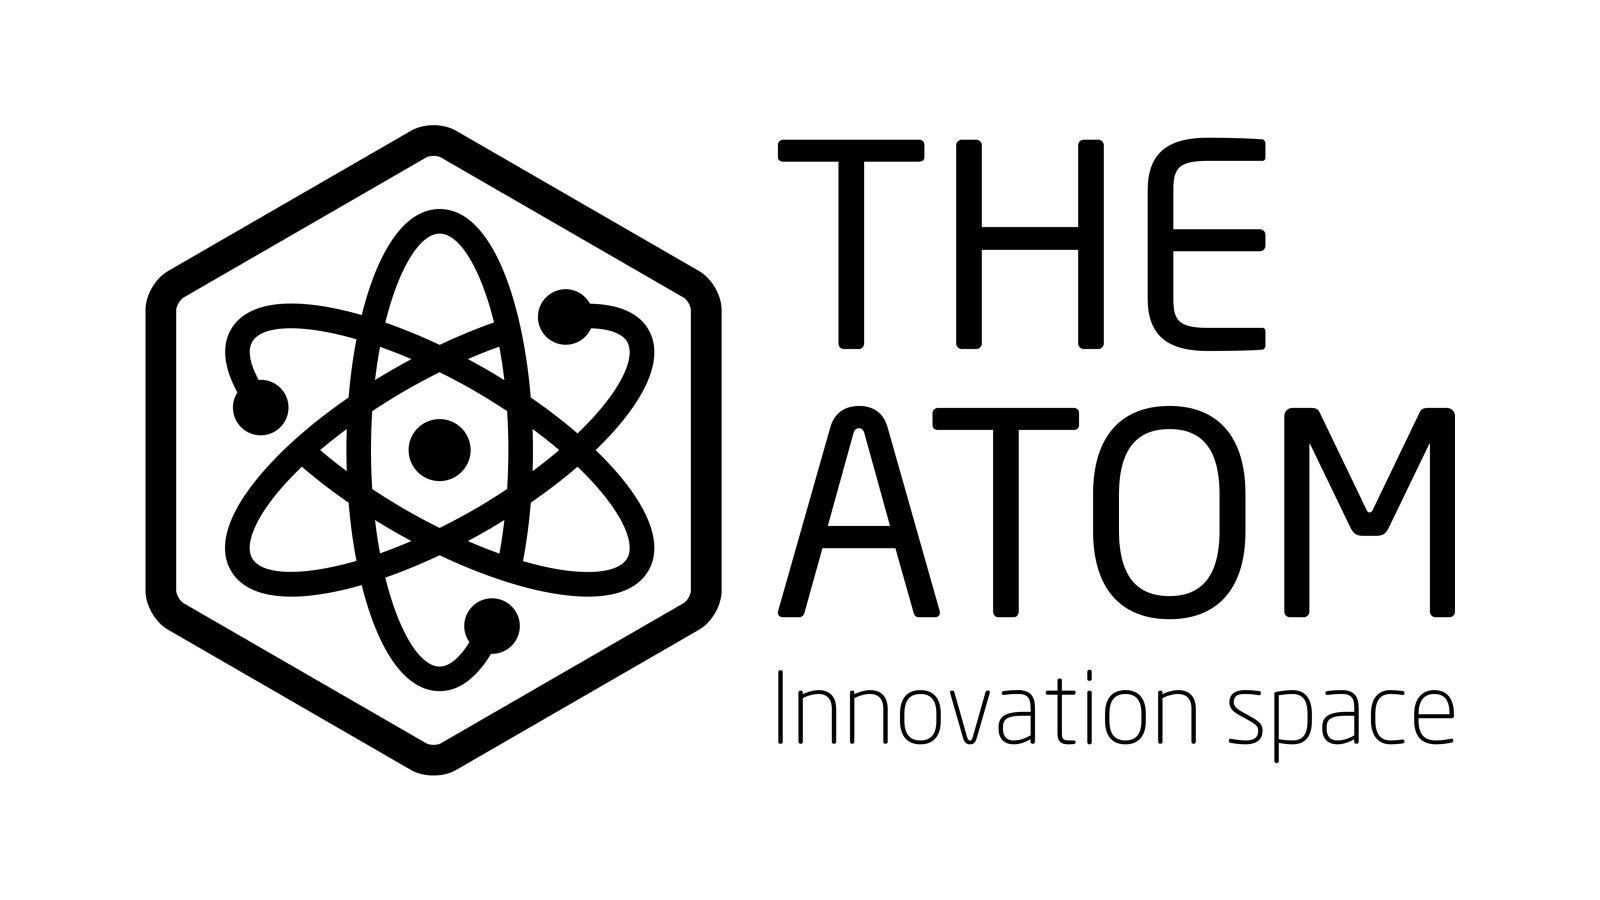 The Atom—Te Kahu o Te Ao innovation space logo